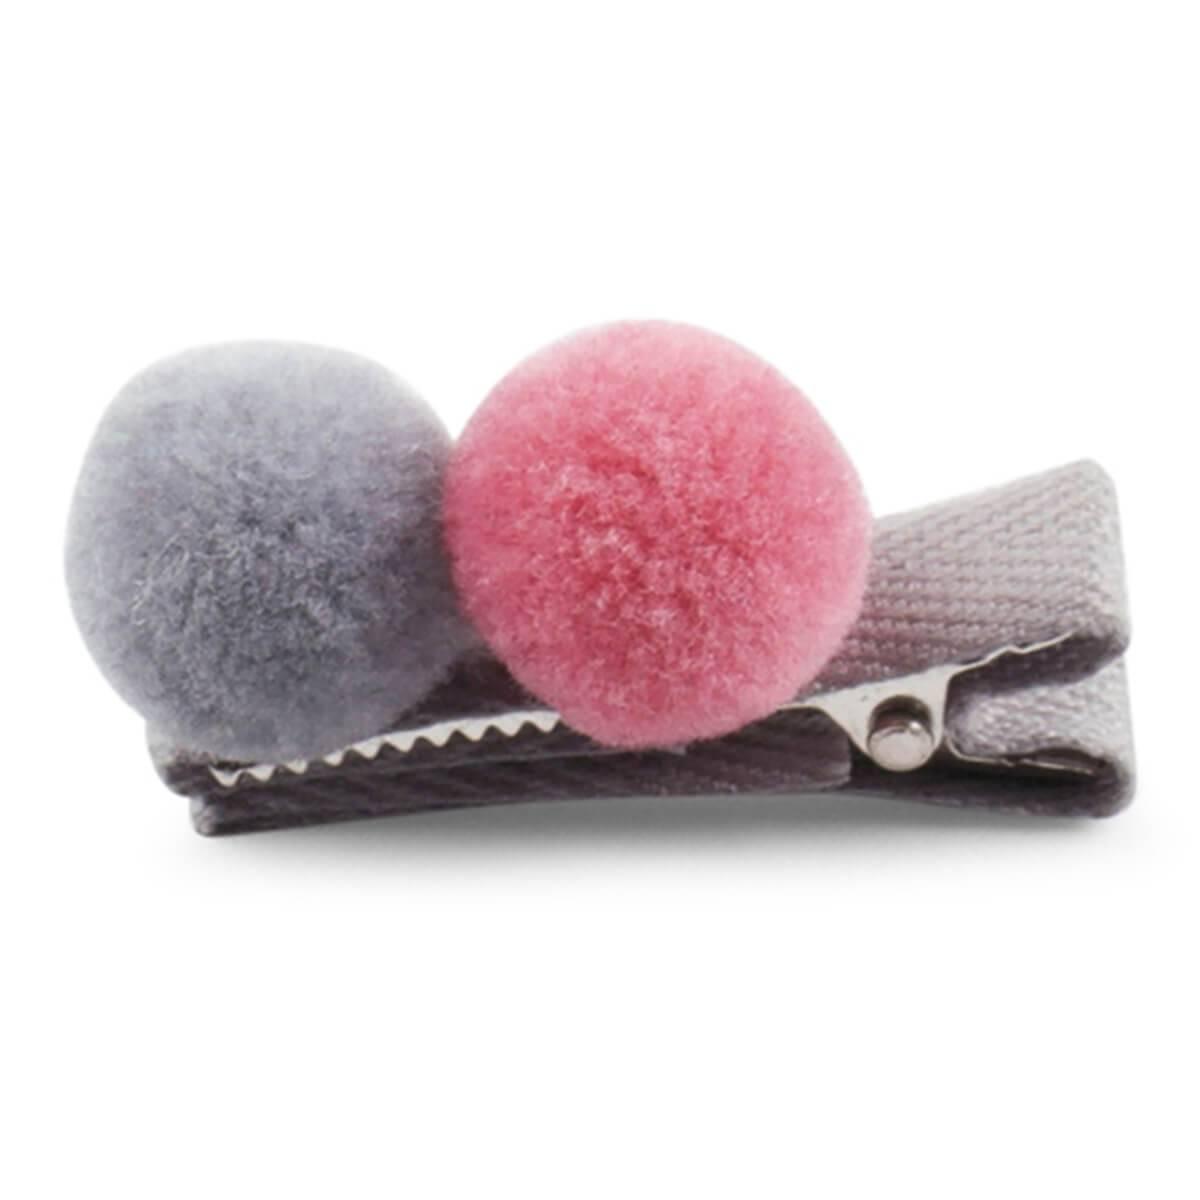 Lillelam hårspenne 2 pompom- rosa og grå